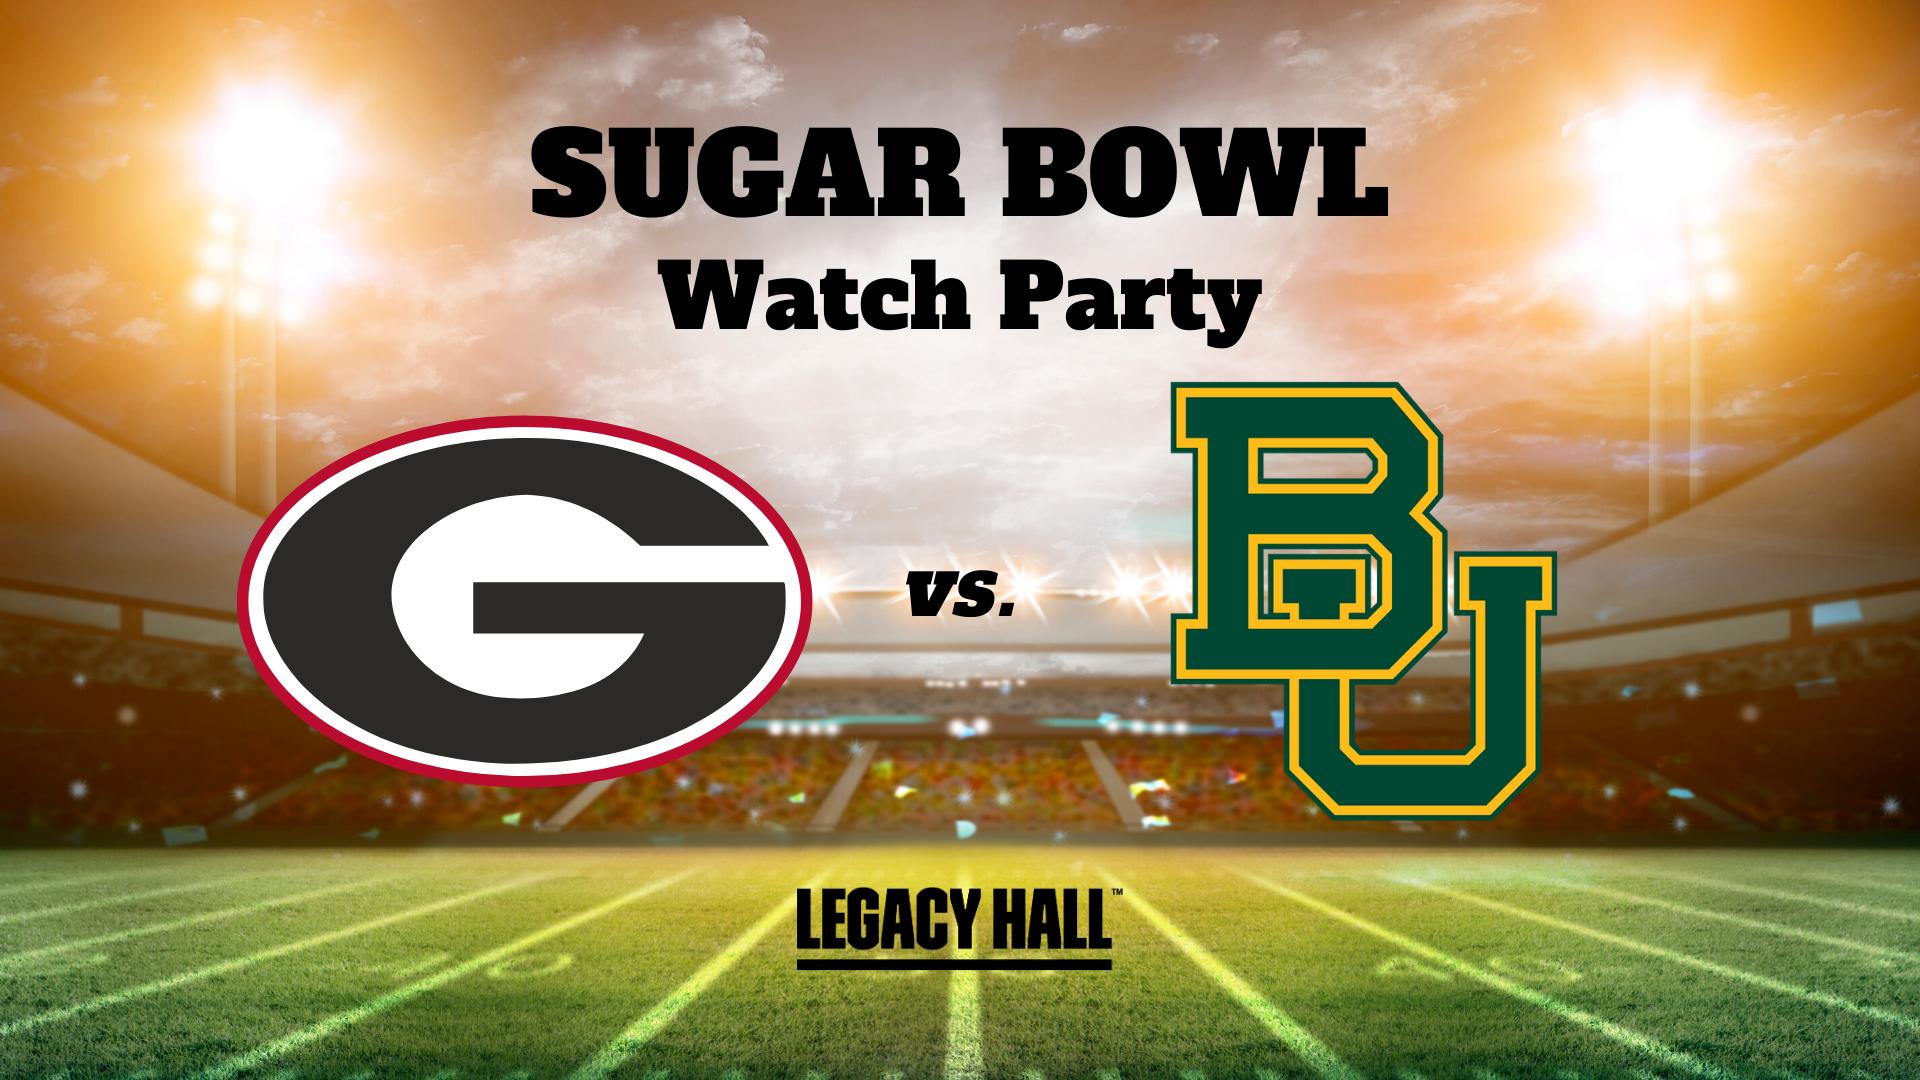 Sugar Bowl Watch Party - hero